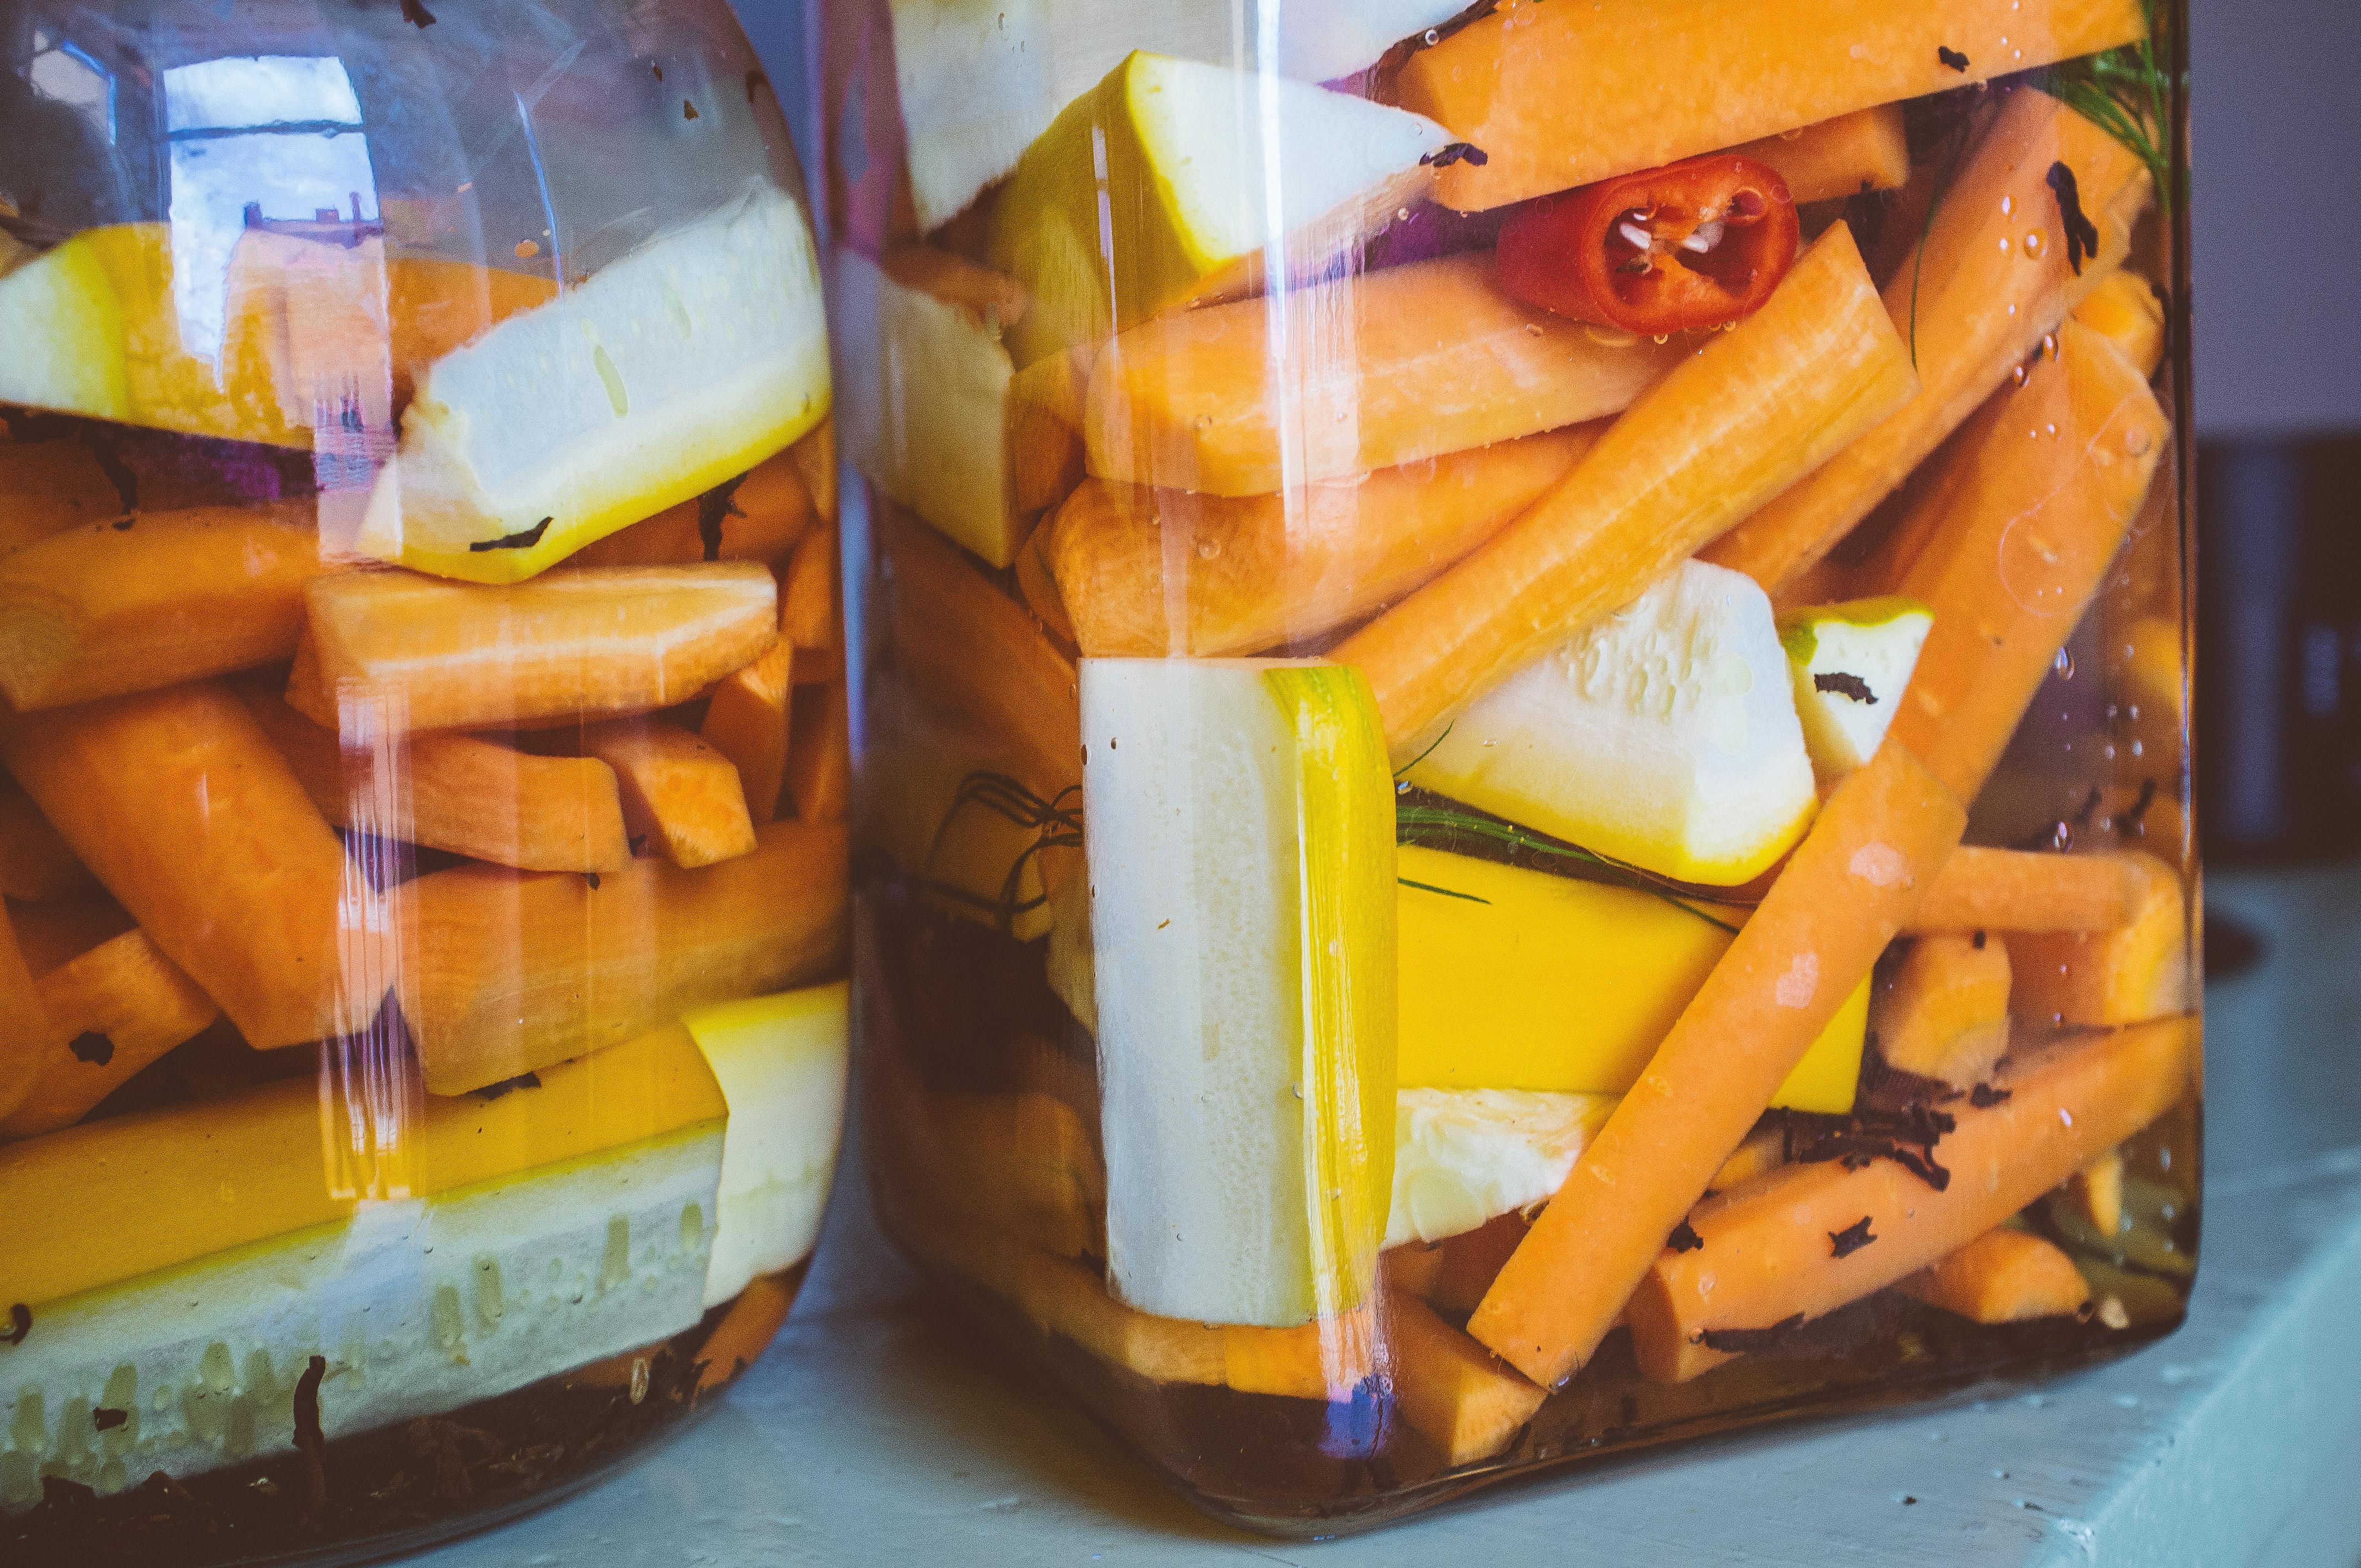 Mjölksyrade morötter och zucchini med dill, chiil och svart te.